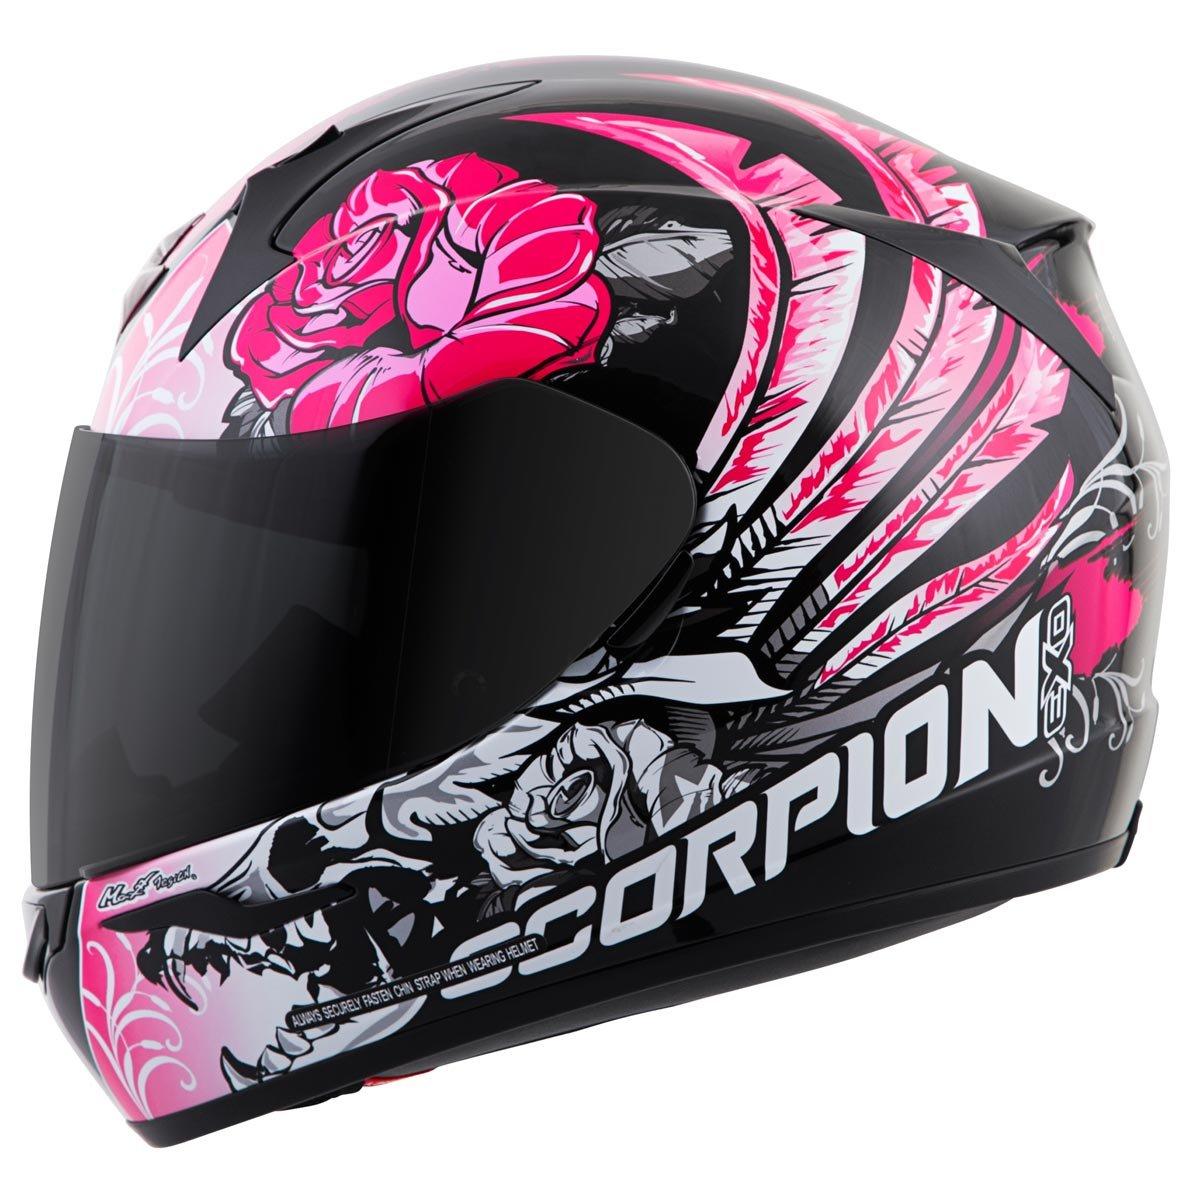 Amazon.com: Scorpion EXO-R410 Novel Street Motorcycle Helmet (Black/Blue, X-Small): Automotive